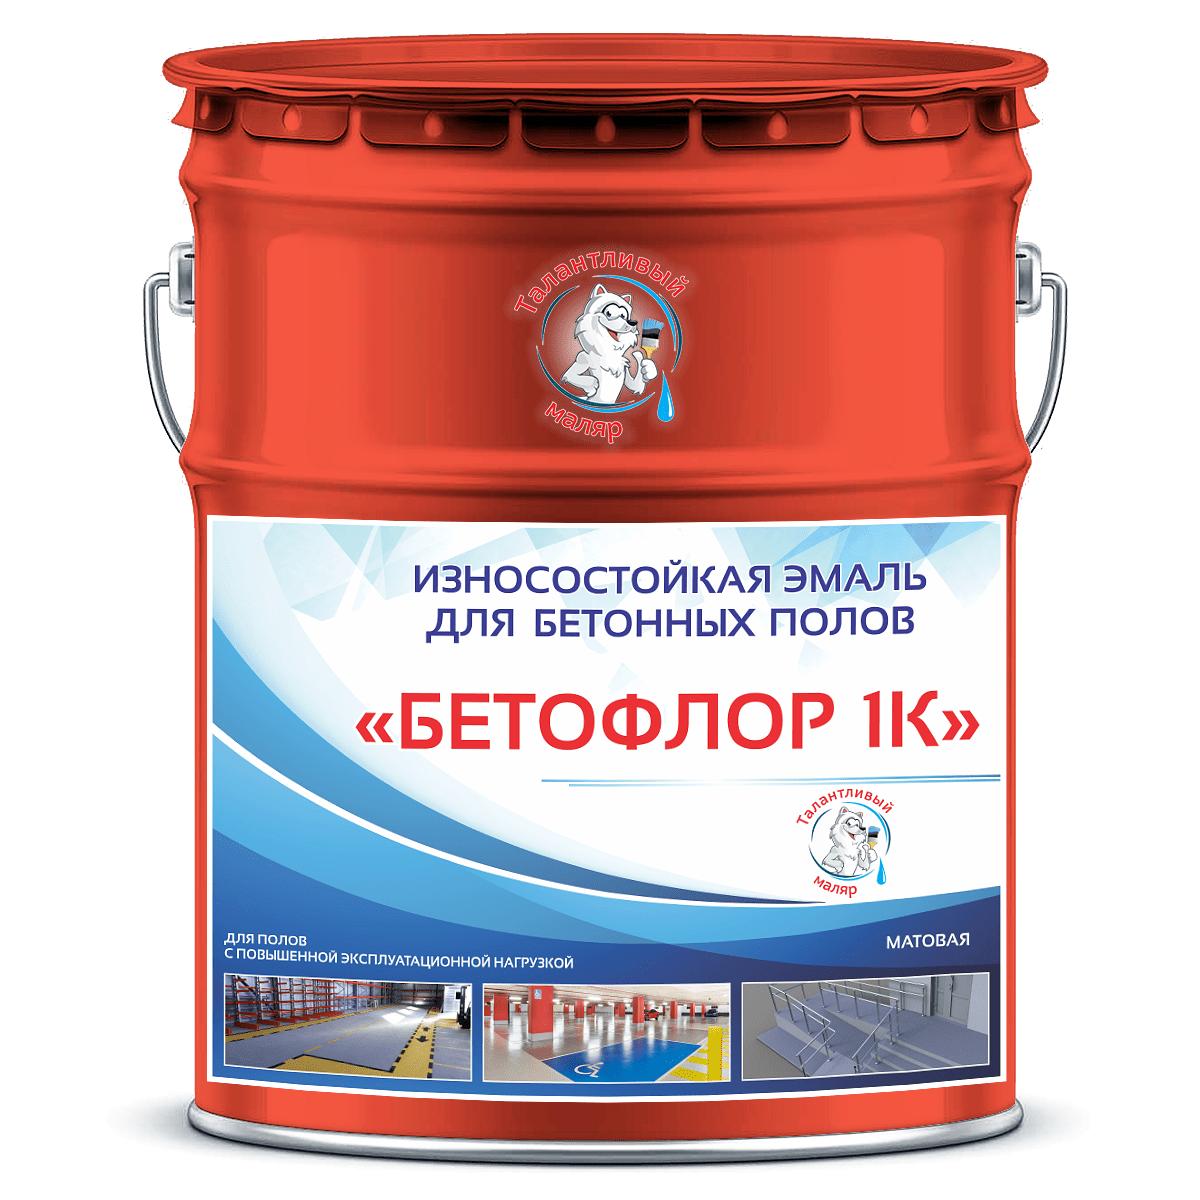 """Фото 5 - BF3016 Эмаль для бетонных полов """"Бетофлор"""" 1К цвет RAL 3016 Кораллово-красный, матовая износостойкая, 25 кг """"Талантливый Маляр""""."""